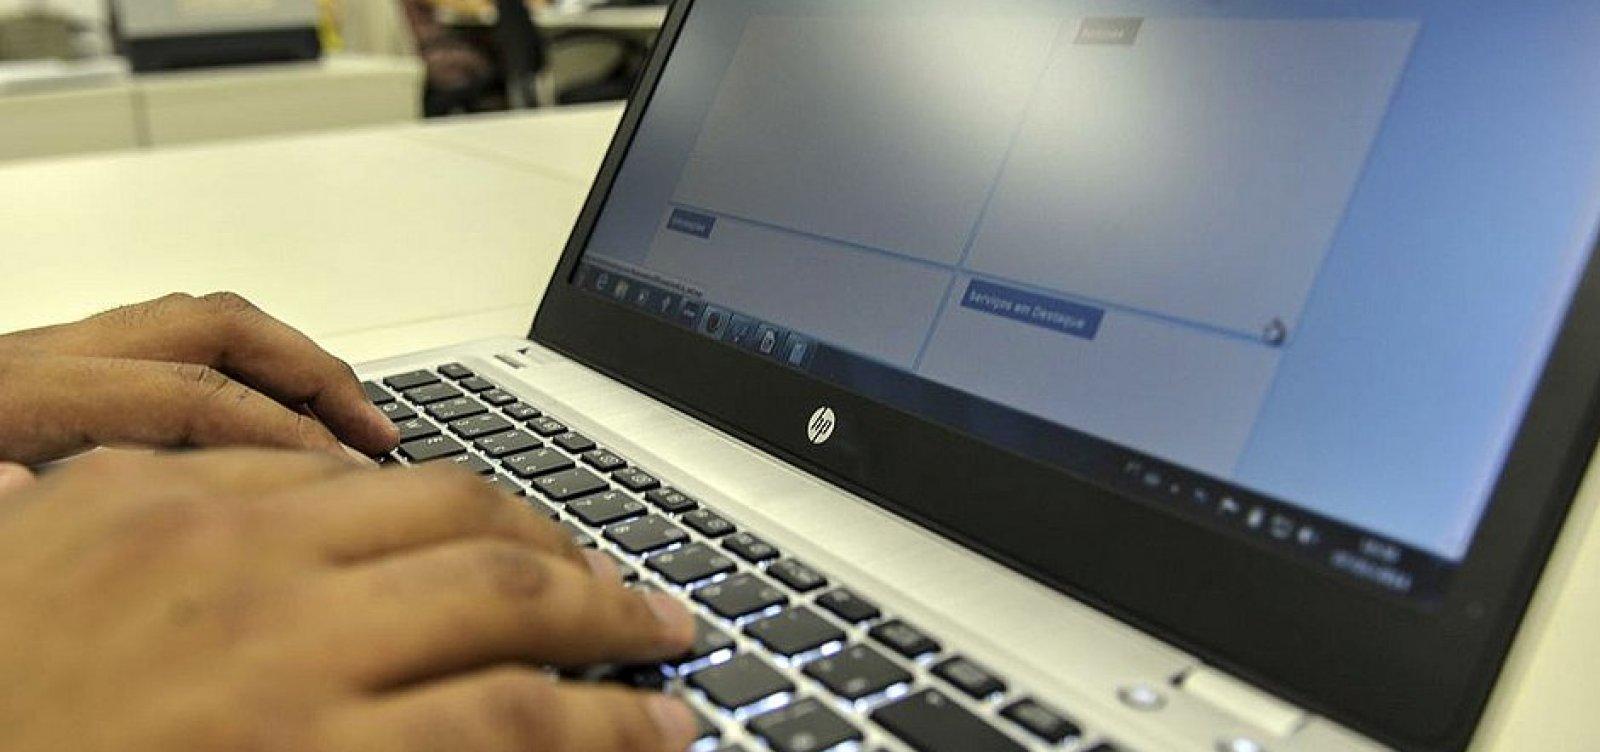 Denúncias e reclamações para Procon-BA podem ser feitas online a partir desta segunda